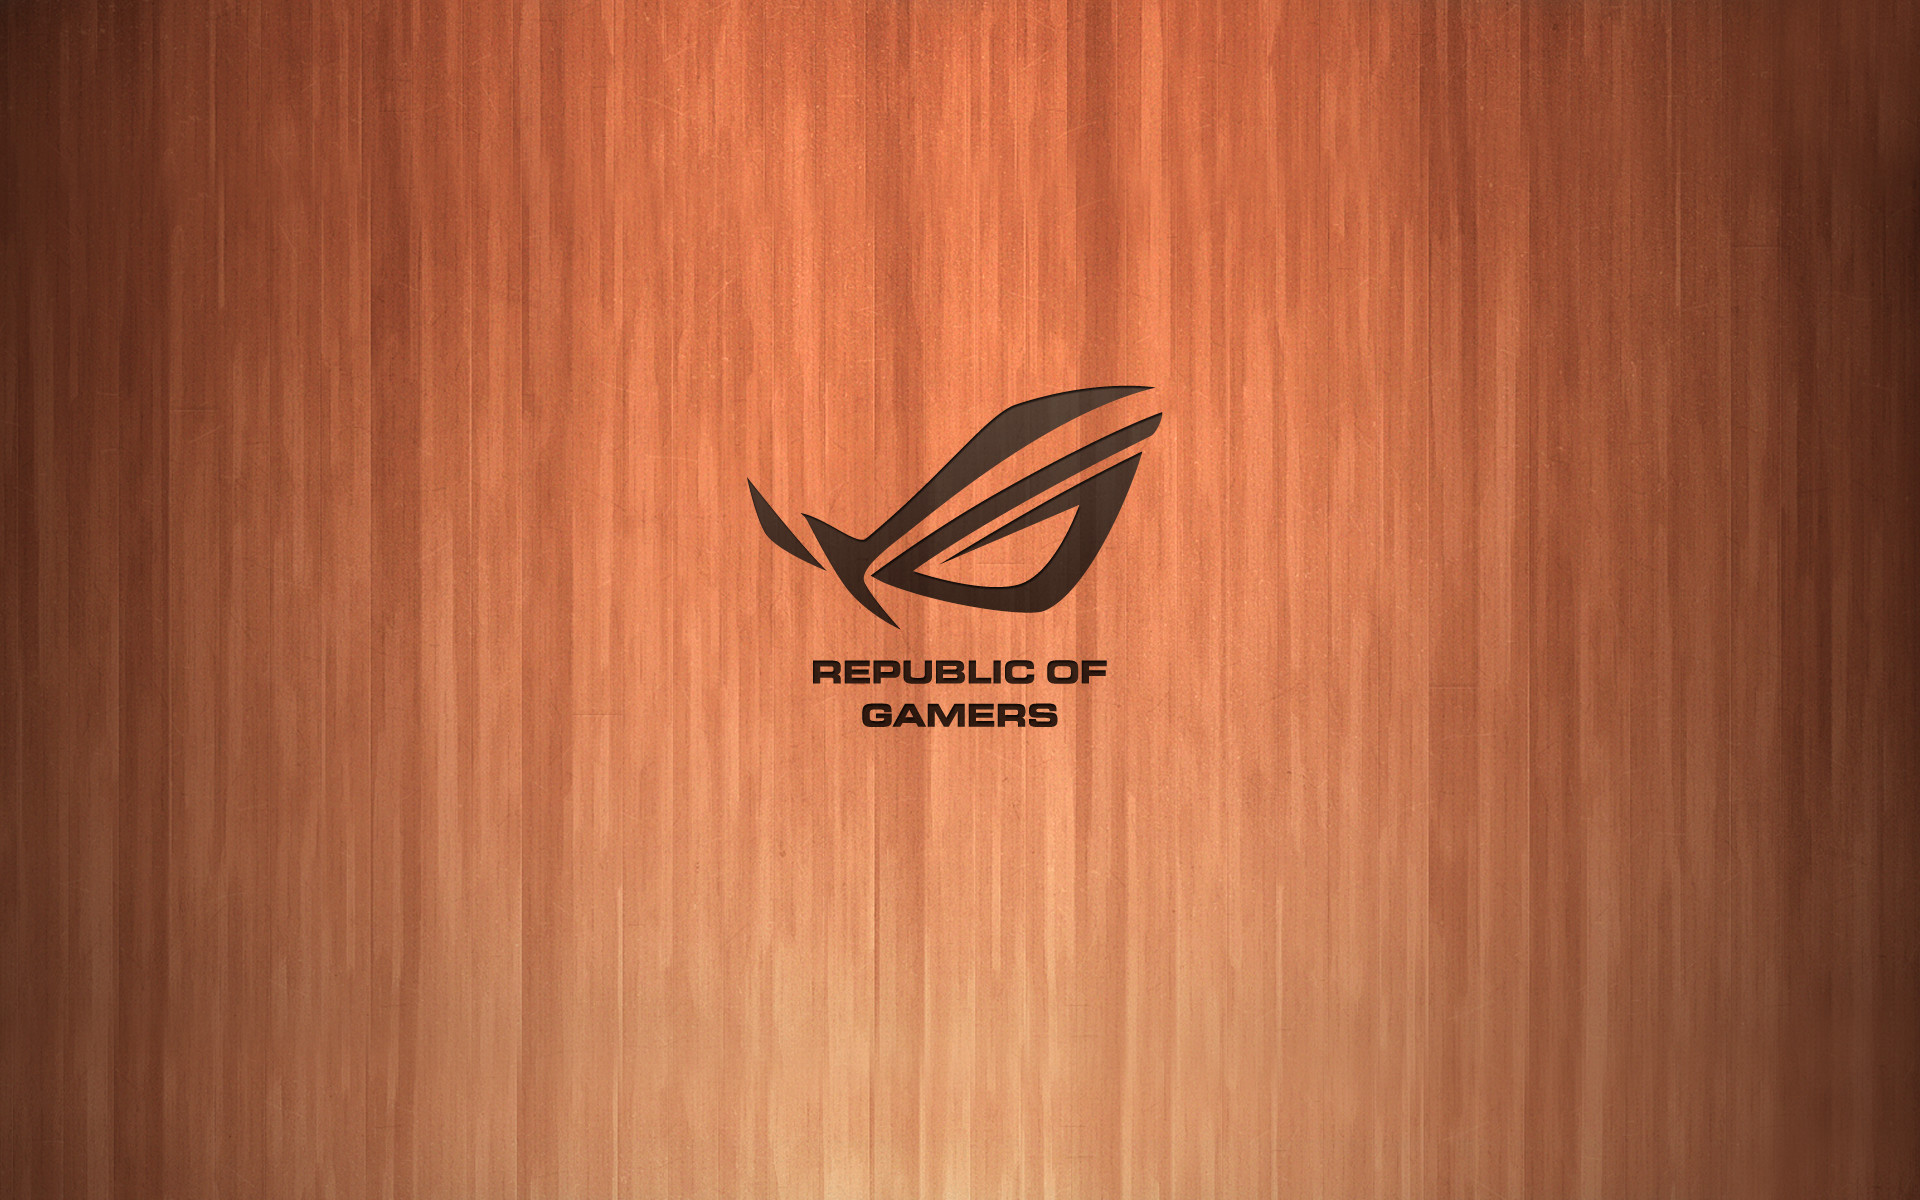 … Asus – Republic of Gamers HD Wallpaper 1920×1200